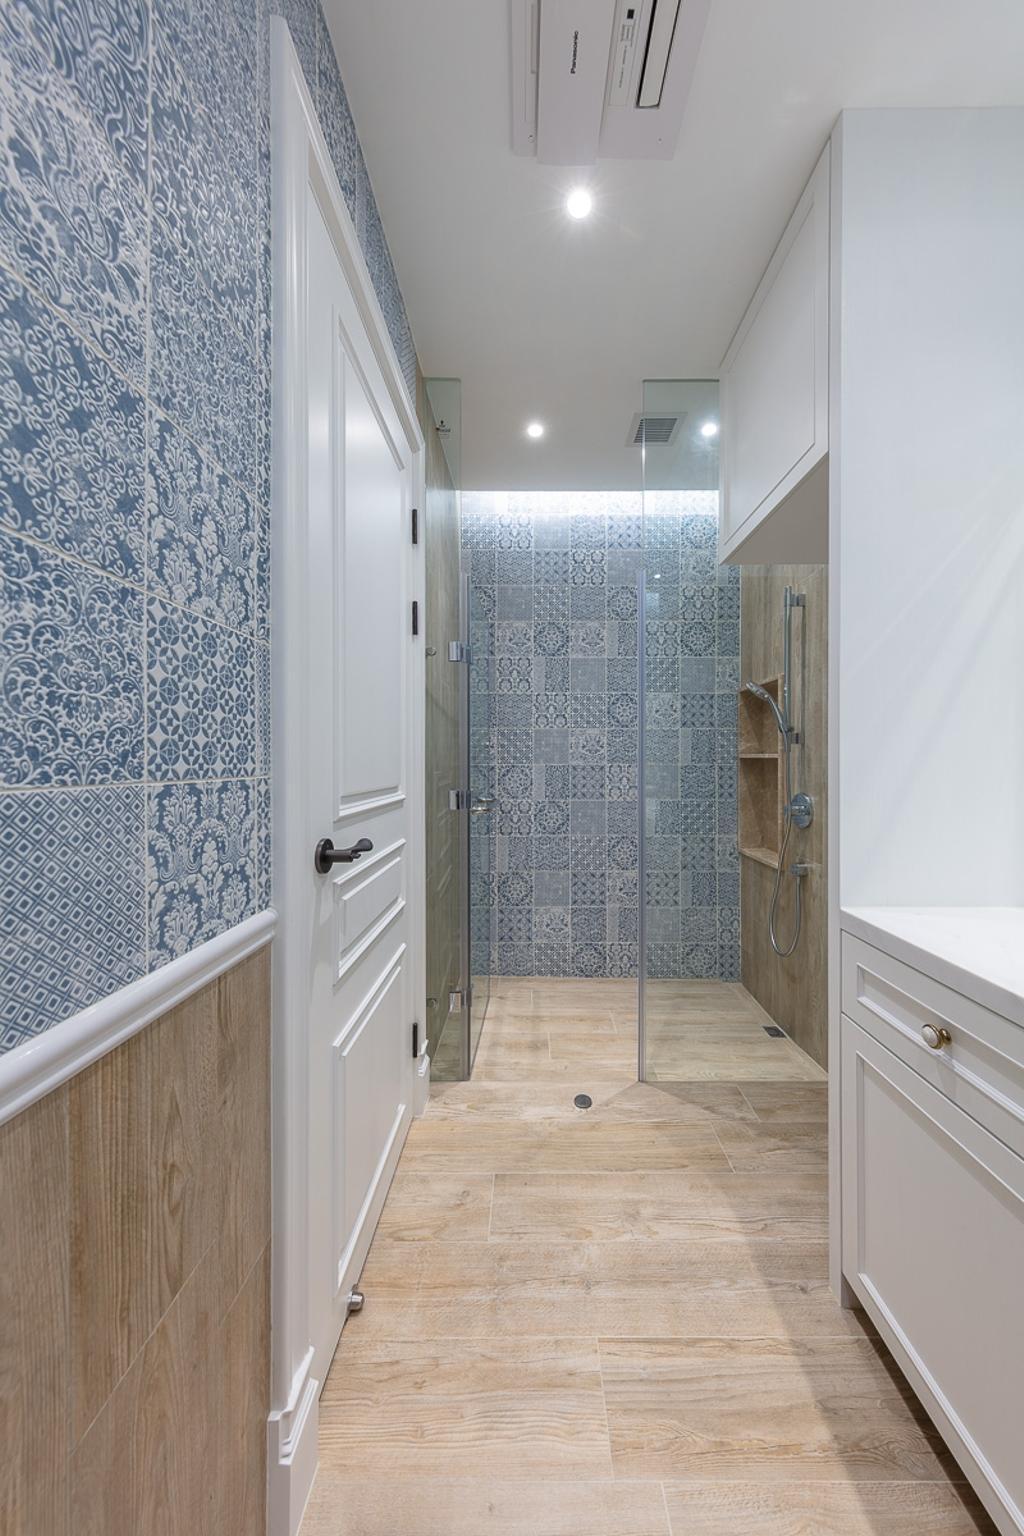 過渡時期, 私家樓, 浴室, 天璽, 室內設計師, 和生設計, 當代